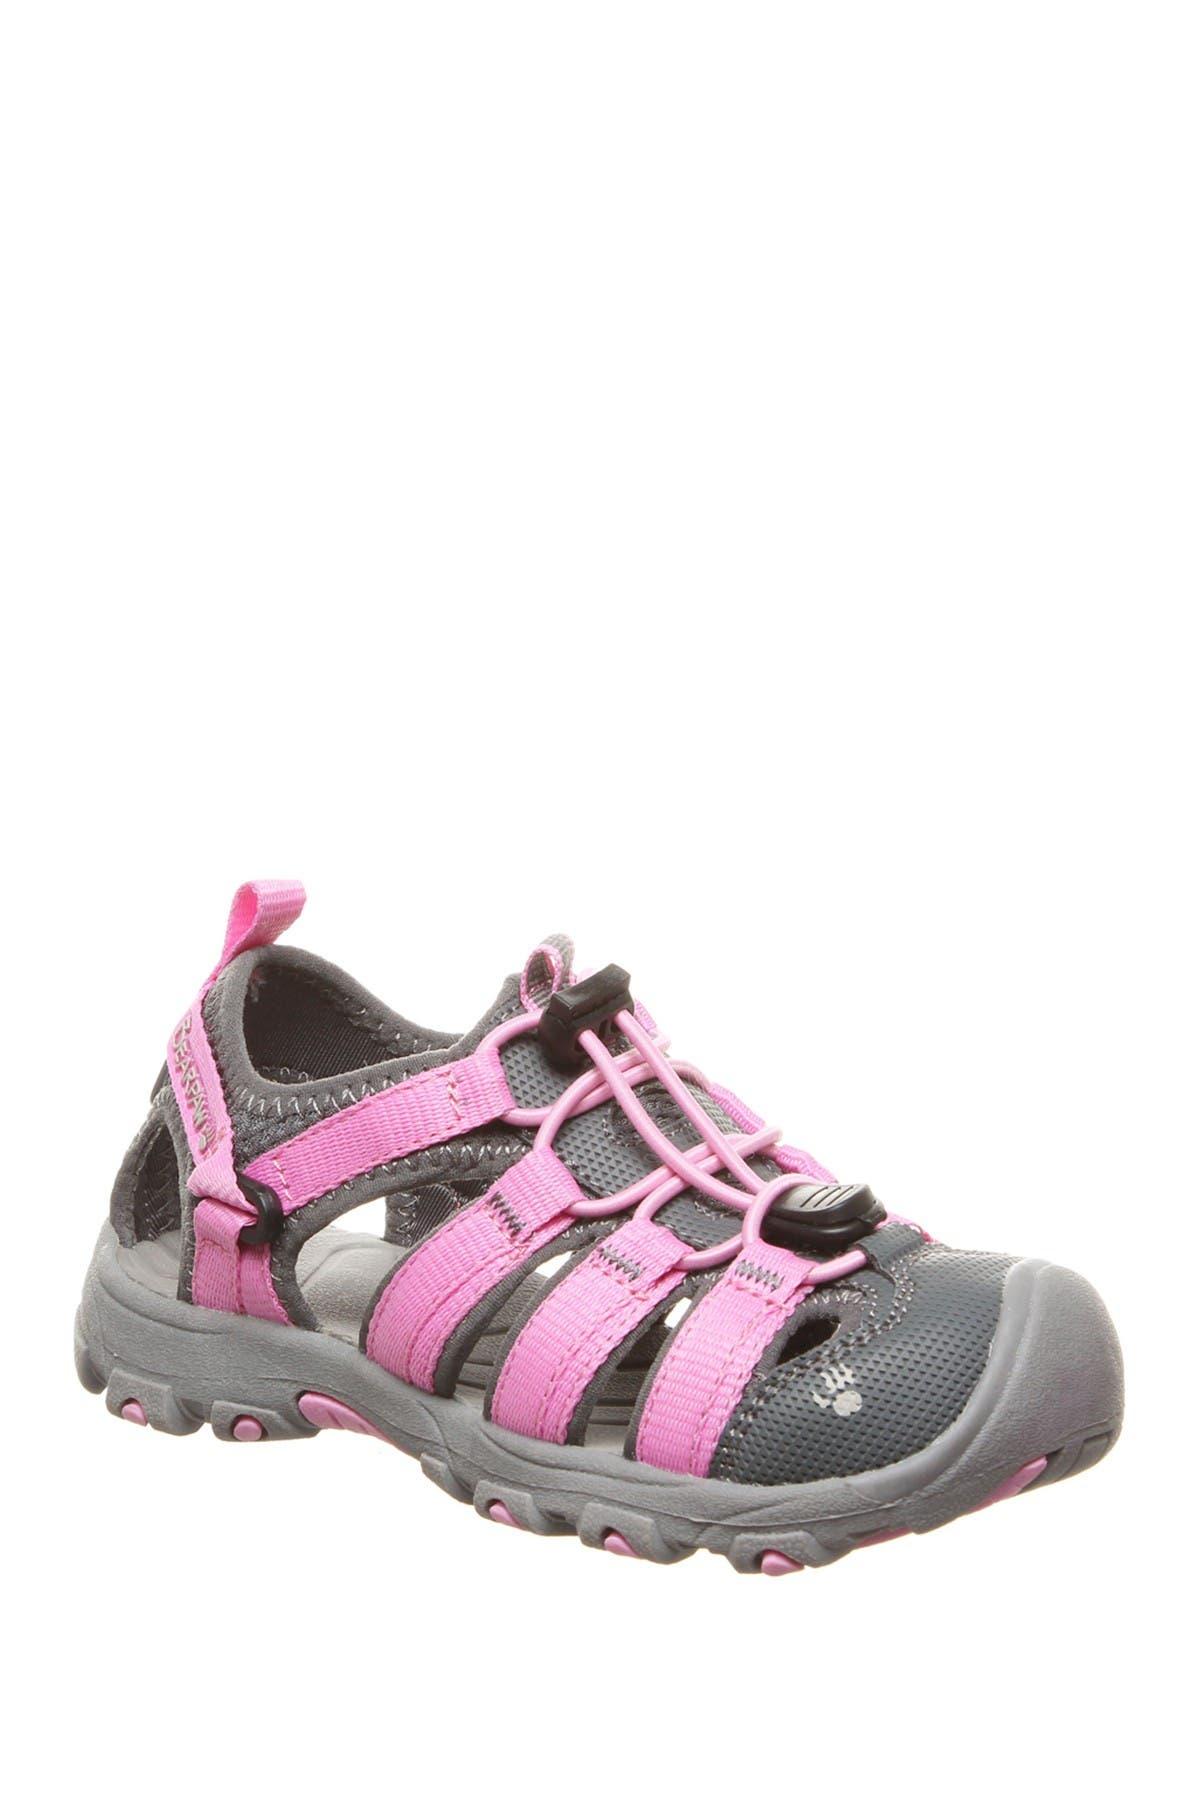 Image of BEARPAW Memuru Water Resistant Outdoor Sandal